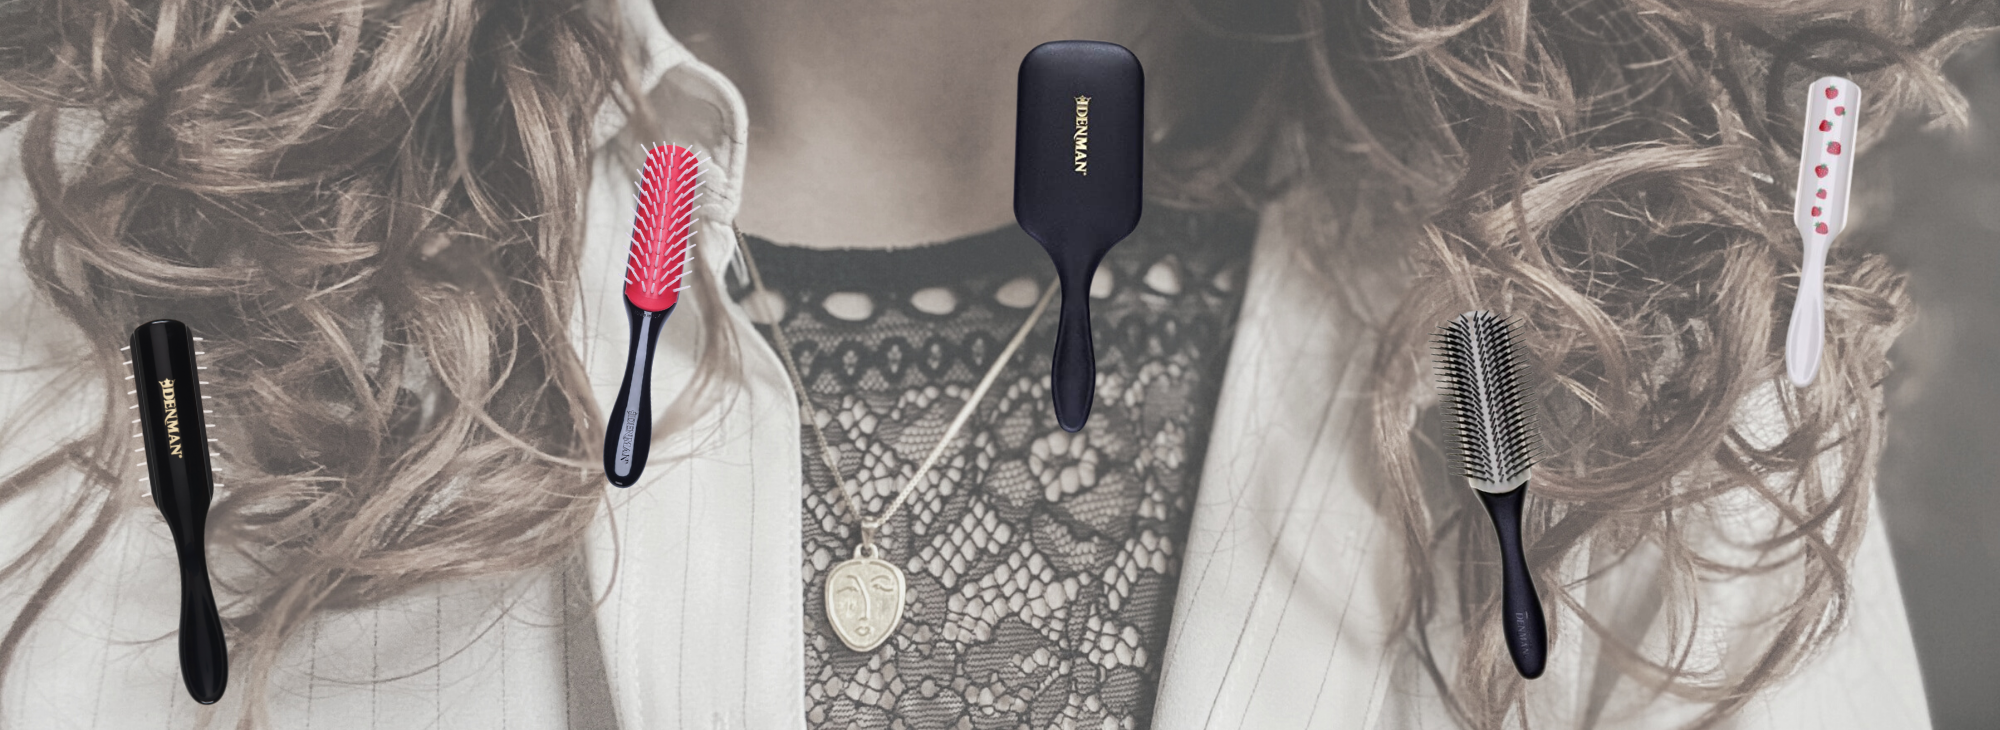 DENMAN plaukų šepečiai – kam jie skirti ir kokį pasirinkti?